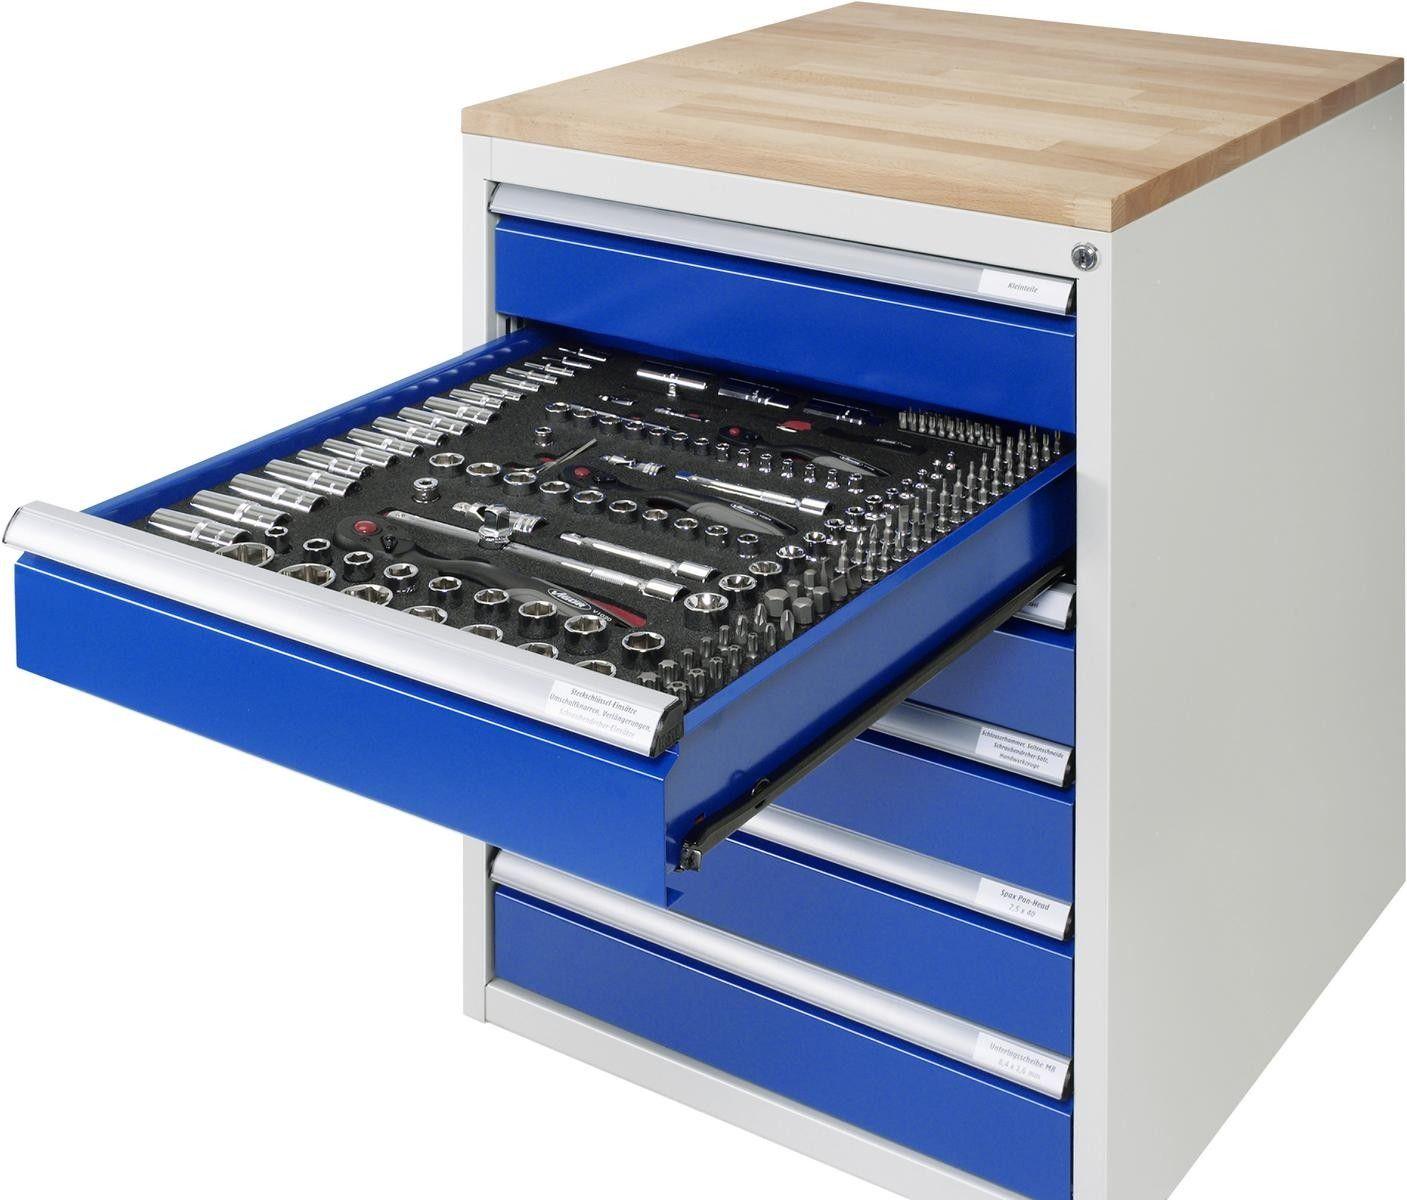 Unterbau Container Mit 4 Schubladen Typ Xl2 5a 770x650x440mm Teilauszug Gtardo De In 2020 Schubladen Schubladenauszug Container